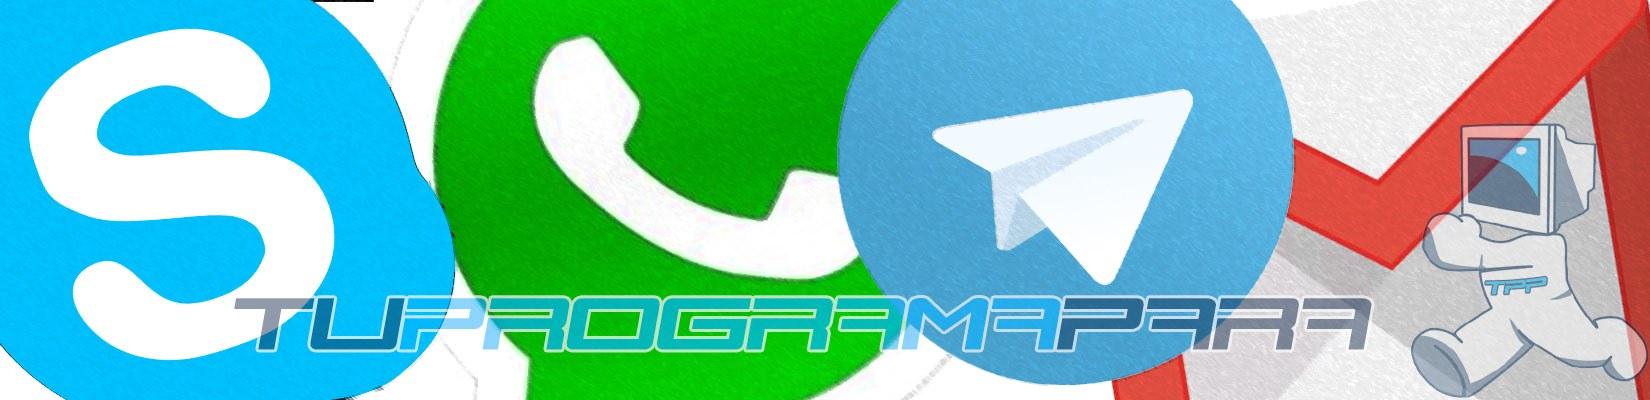 Descargar programas de Comunicación y Mensajería